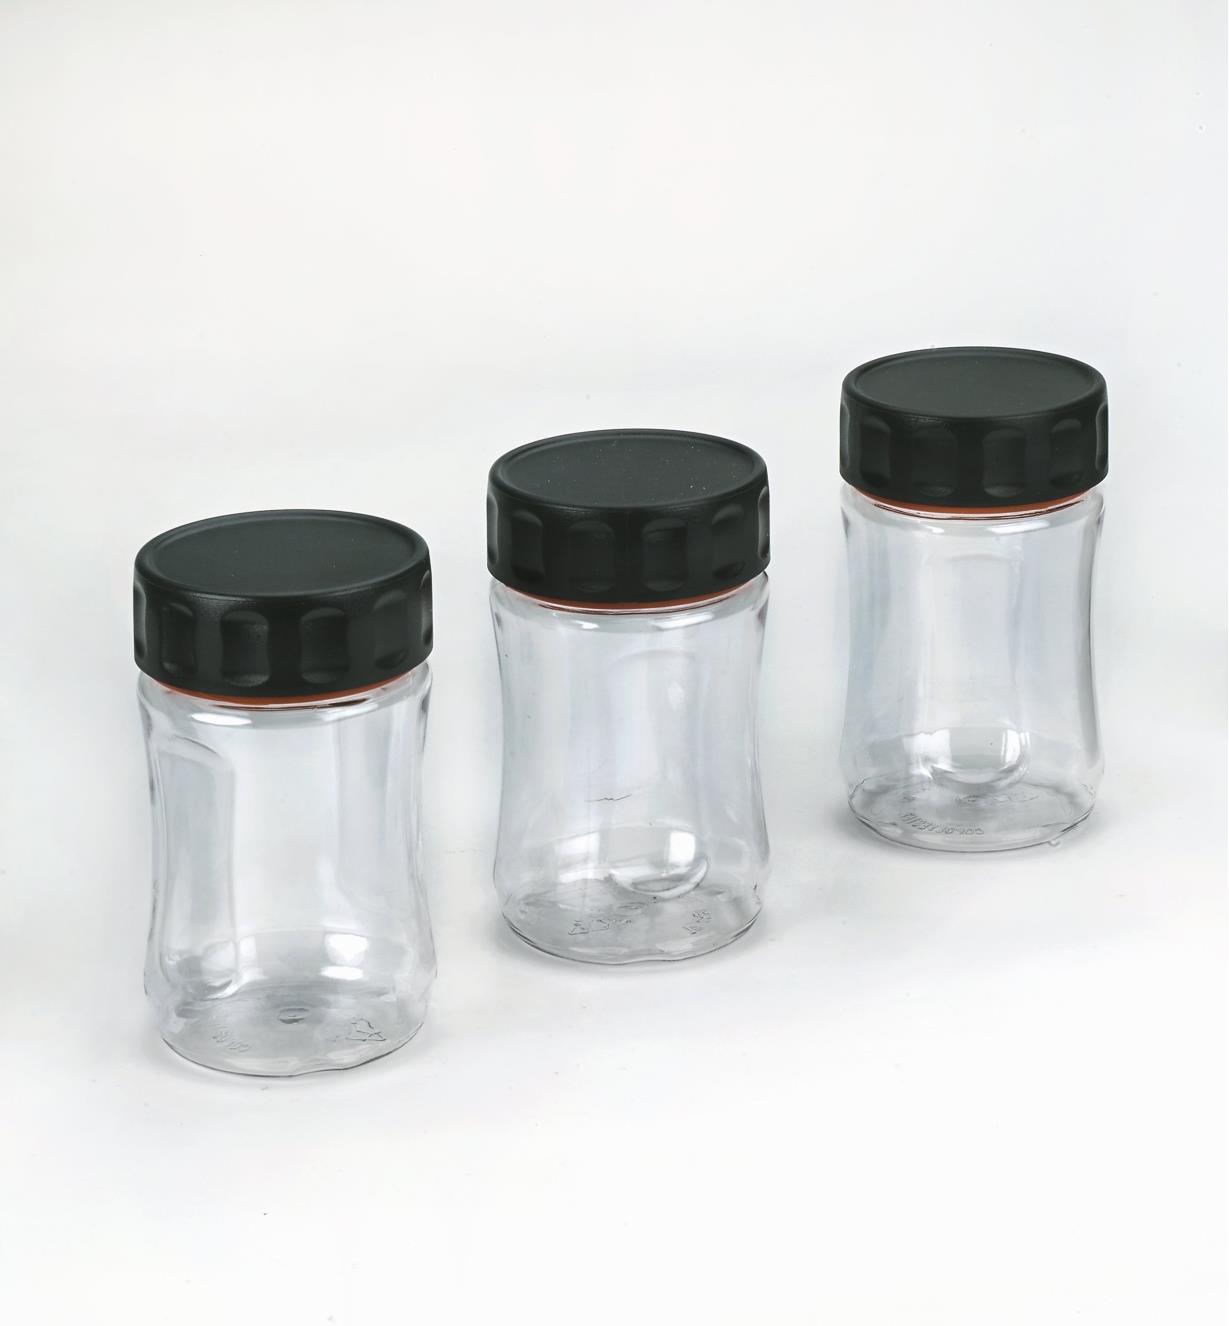 09A5340 - Lot de 3 bocaux Durajar 400 ml, transparent